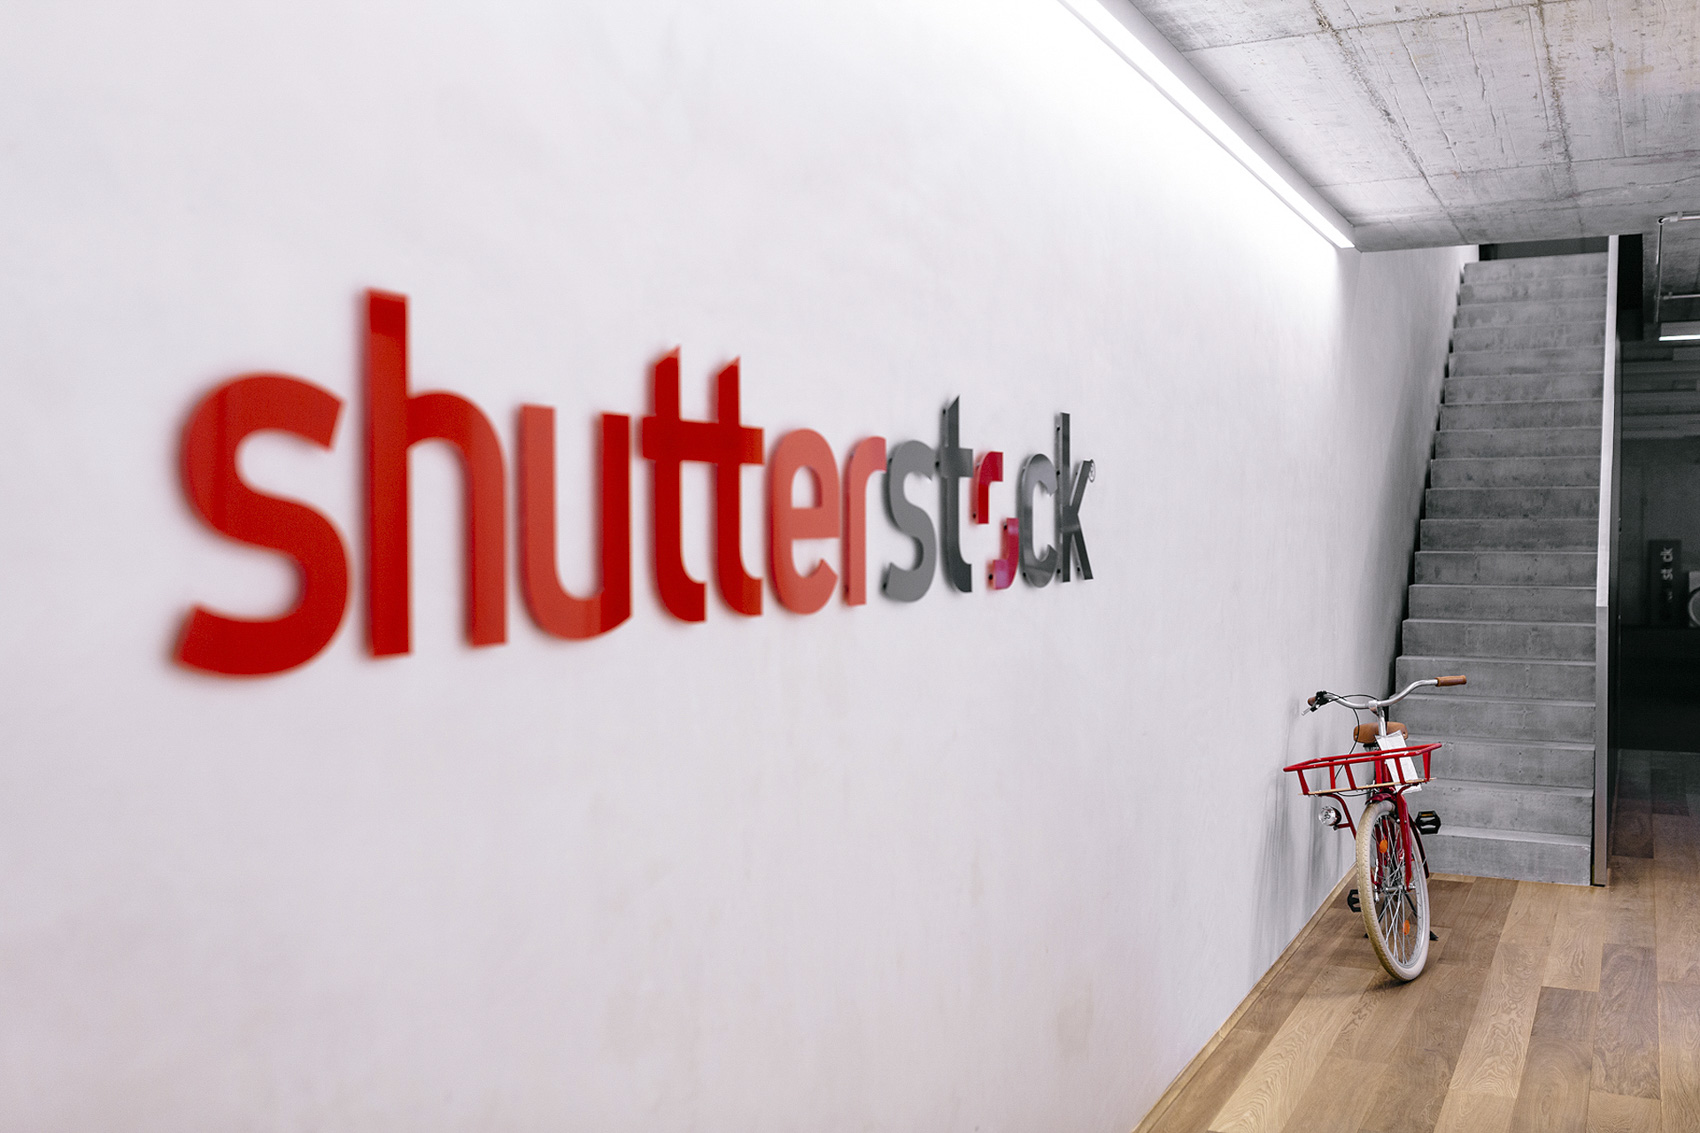 Referenzen Eventfotografie: Sommerfest Shutterstock